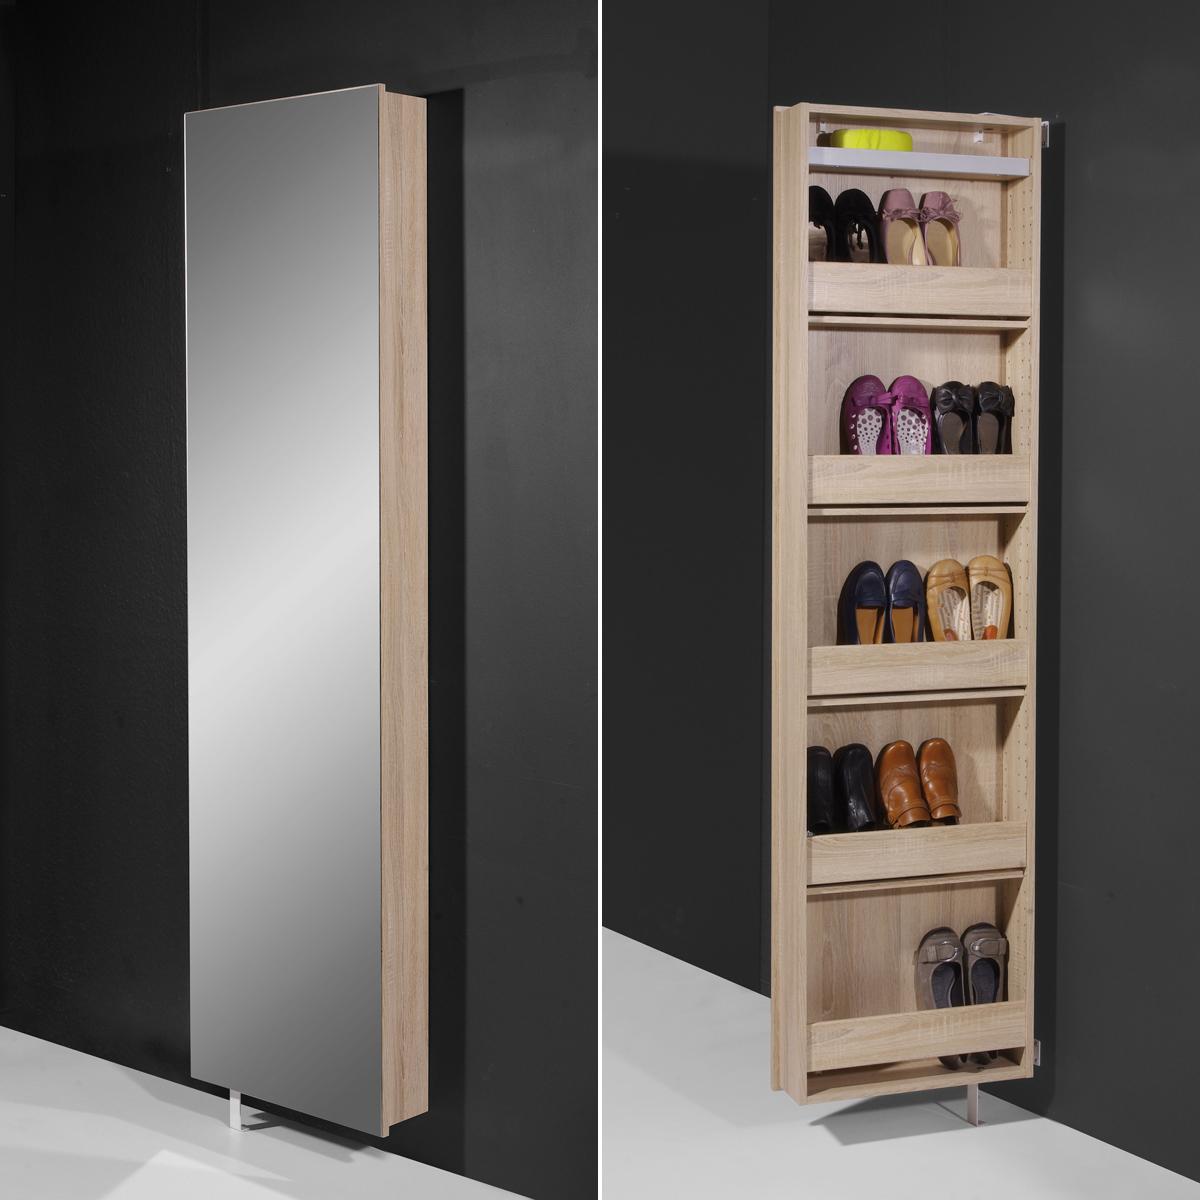 mehrzweckschrank 1189 germania drehschrank dielenschrank schuhschrank spiegel ebay. Black Bedroom Furniture Sets. Home Design Ideas